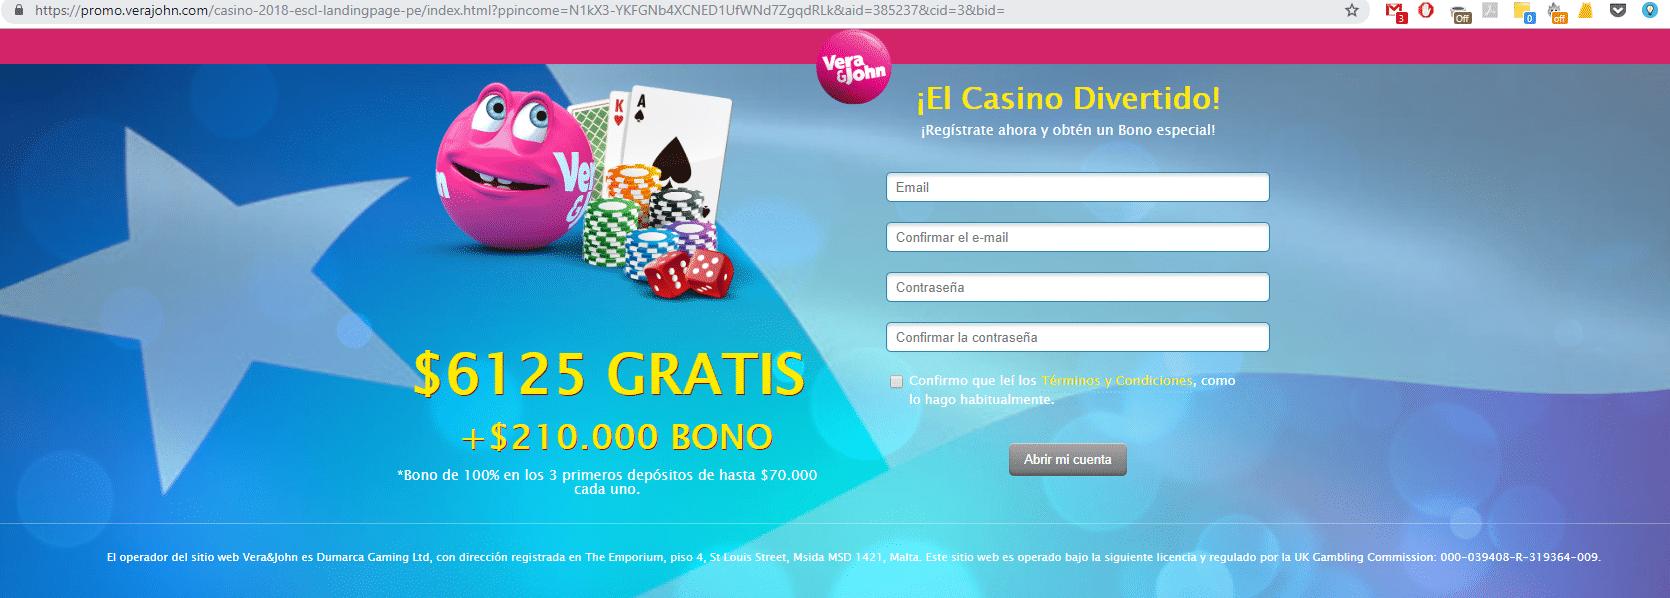 Casino seguro Vera&John uk 187505